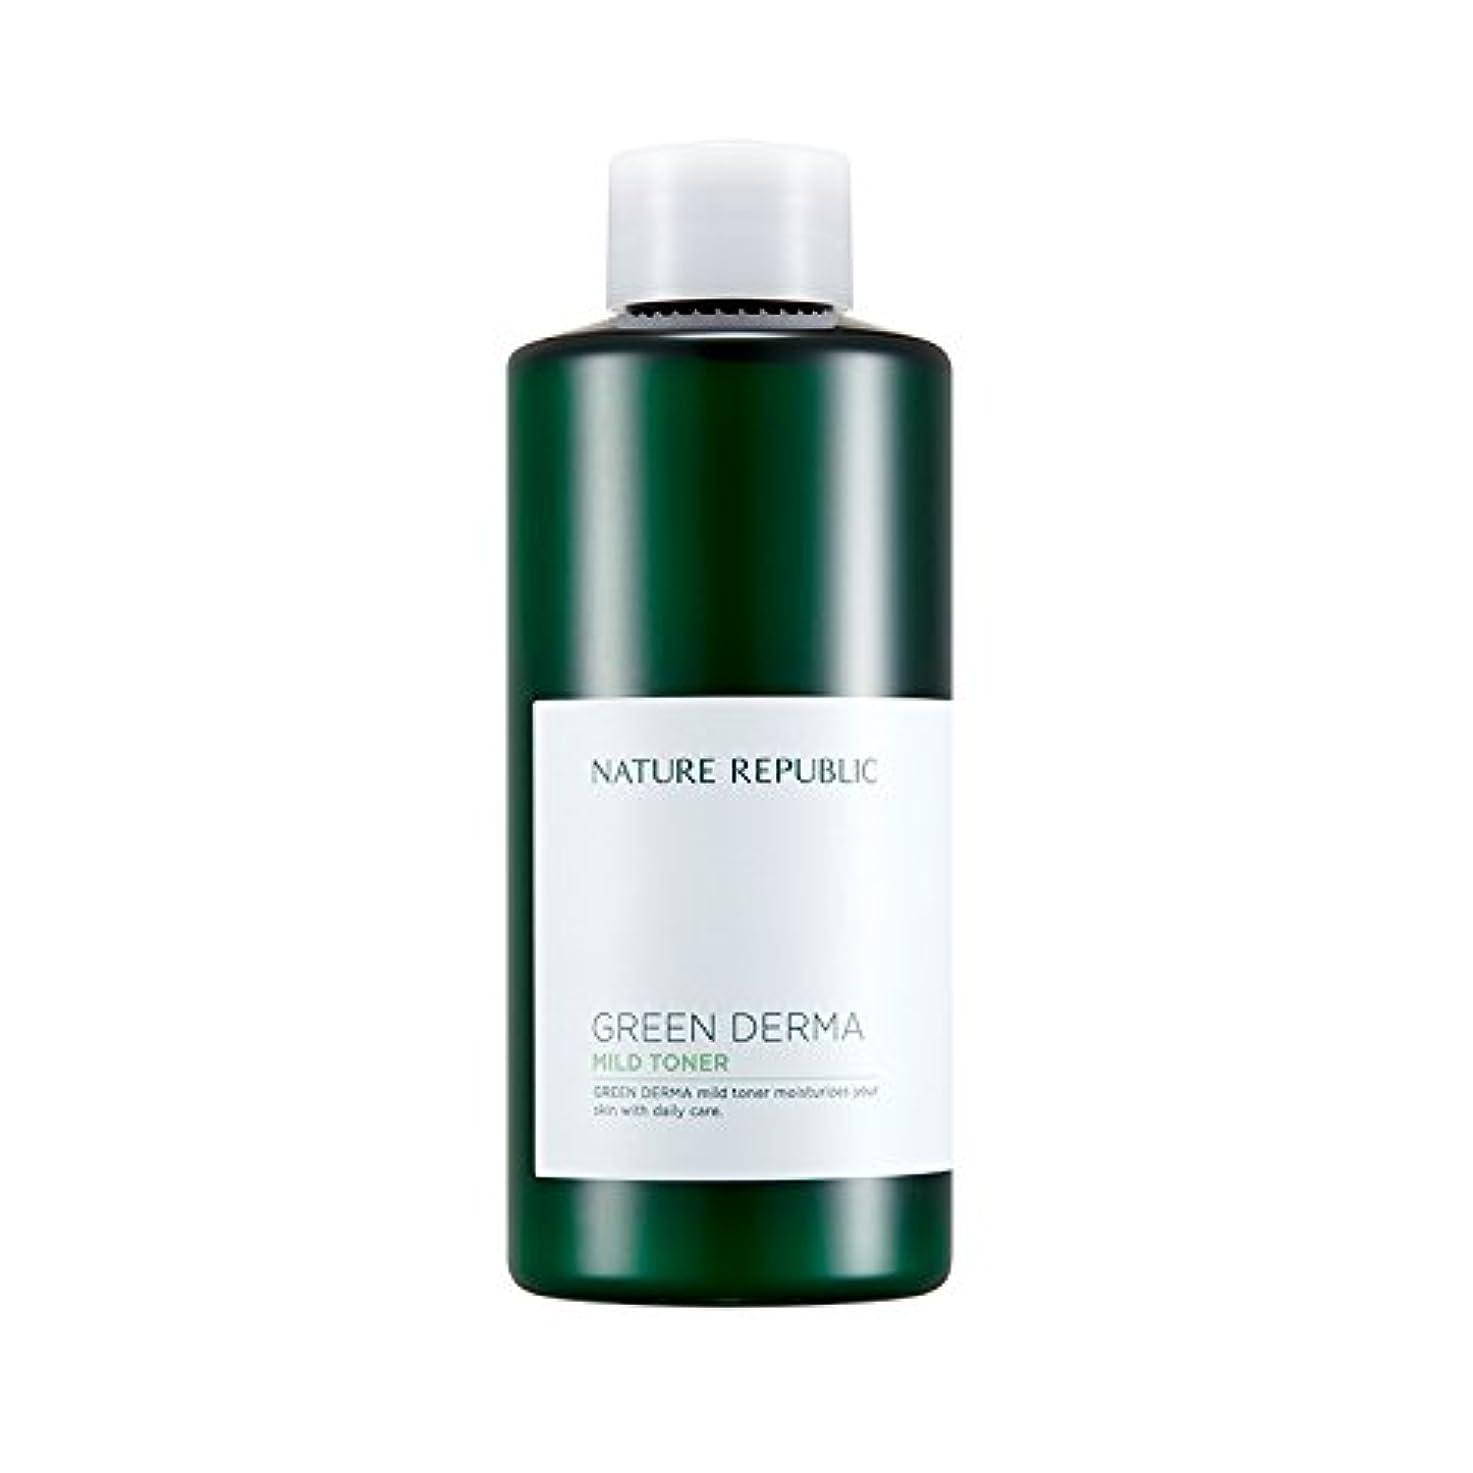 はさみ固執電圧NATURE REPUBLIC Green Derma Mild Toner / ネイチャーリパブリック グリーンダーママイルドトナー 200ml [並行輸入品]